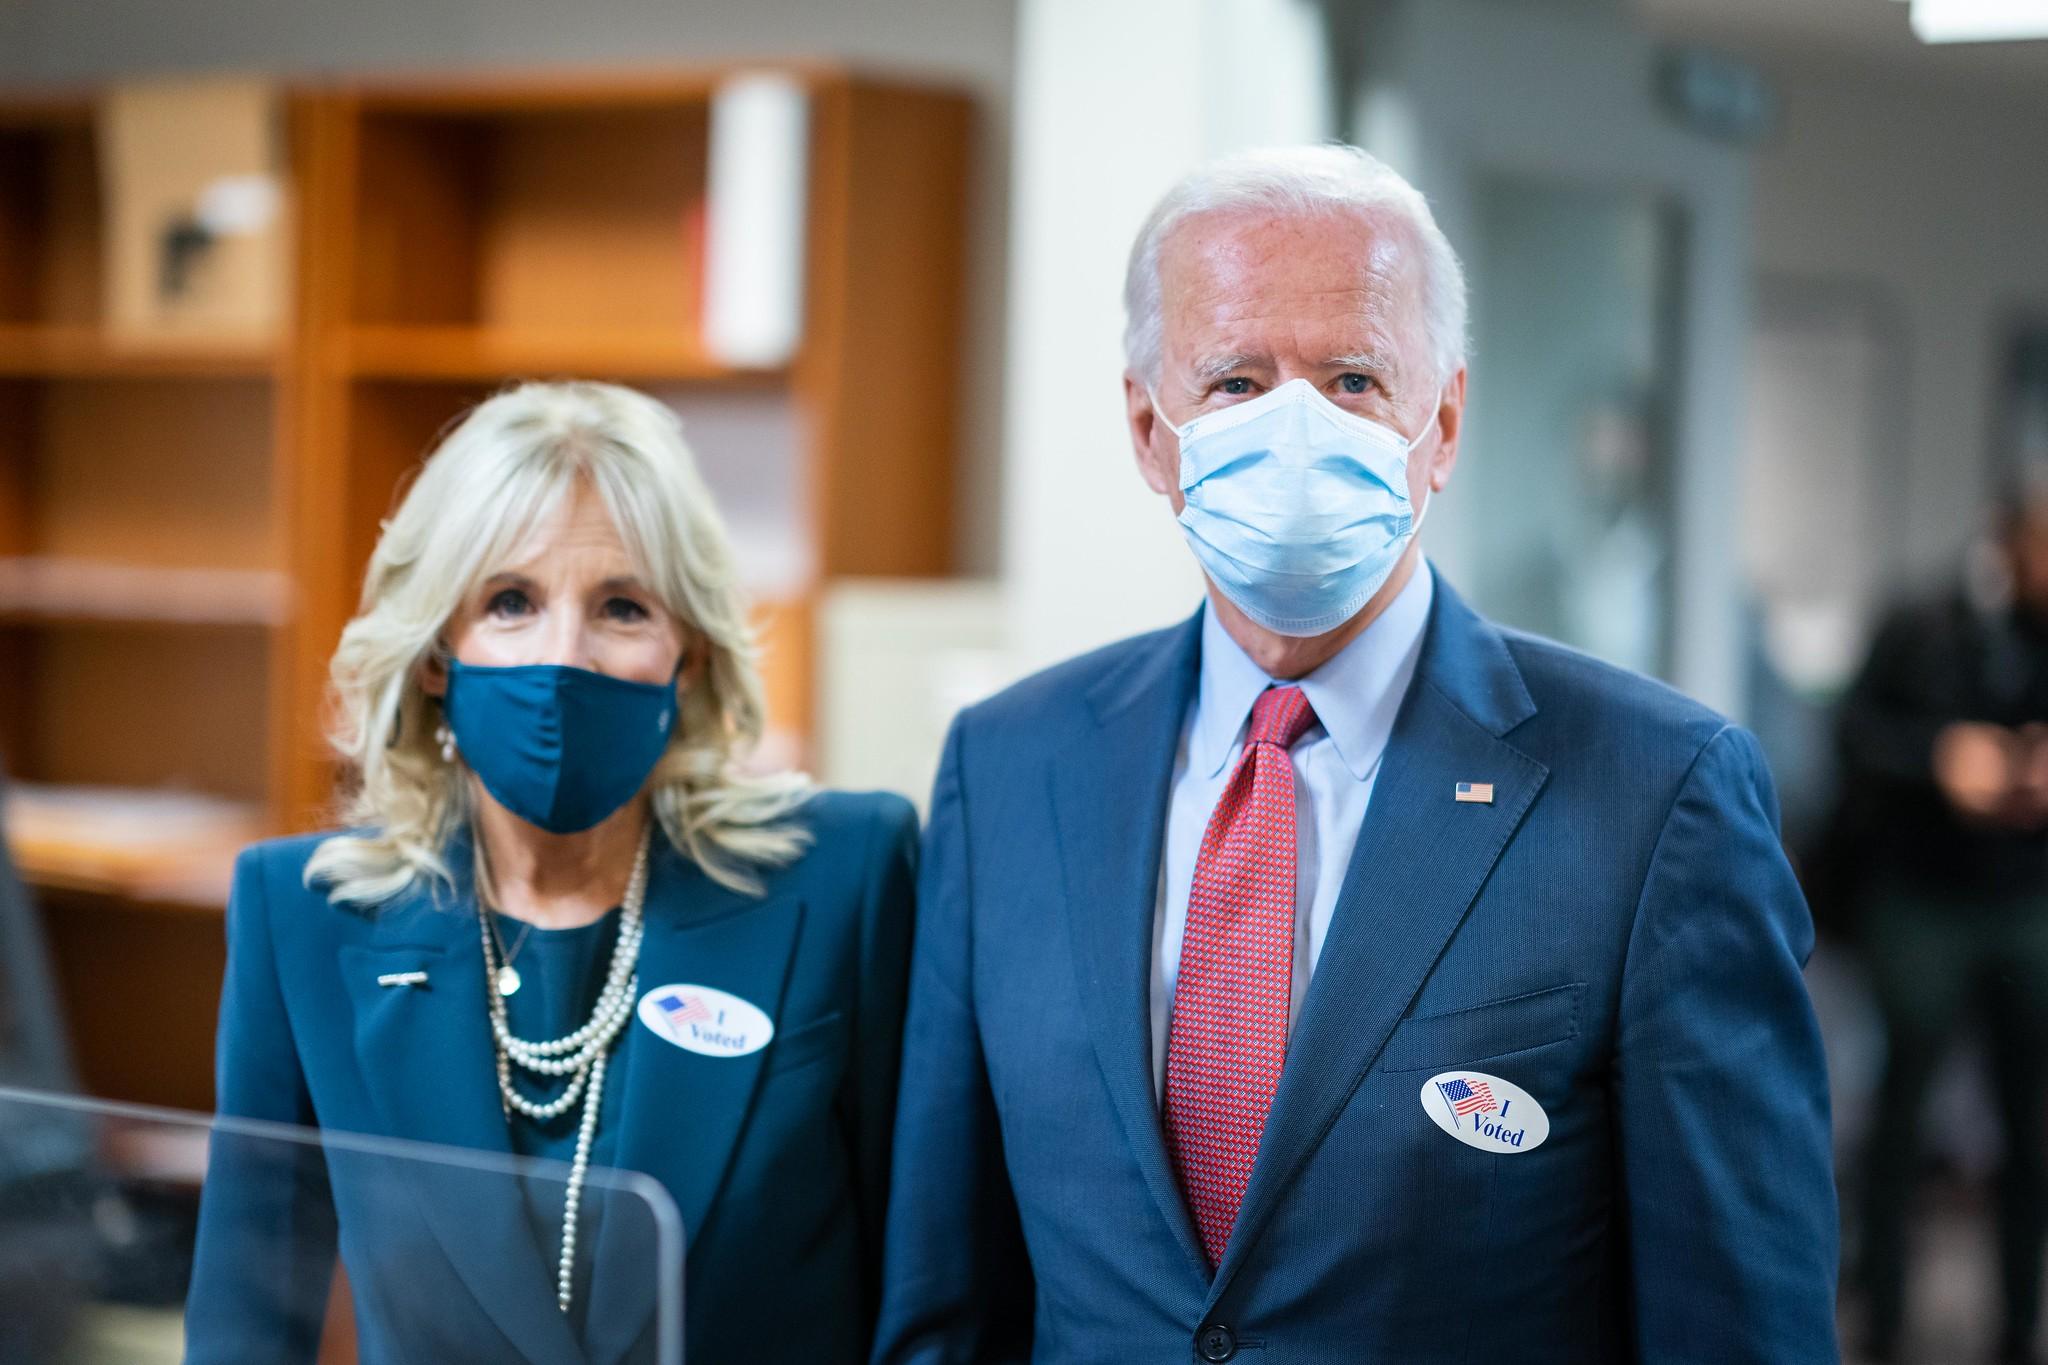 First lady Jill Biden and President Joe Biden